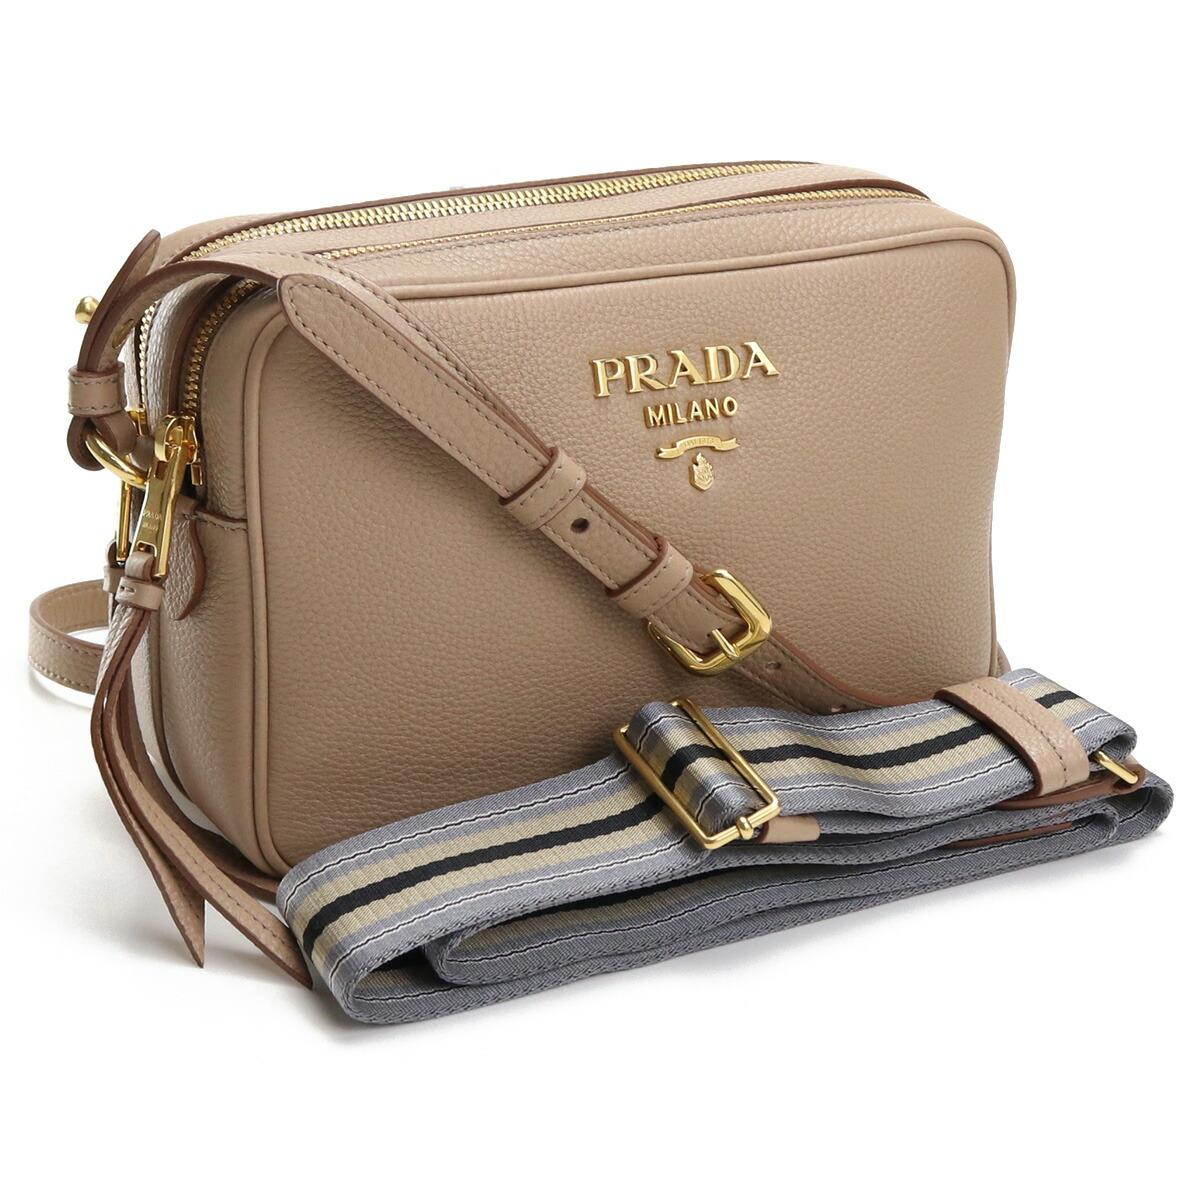 プラダ PRADA  斜め掛け ショルダーバッグ ブランドロゴ ブランドバッグ 1BH082 2BBE V NOM F0770 CAMMEO ベージュ系 bag-01